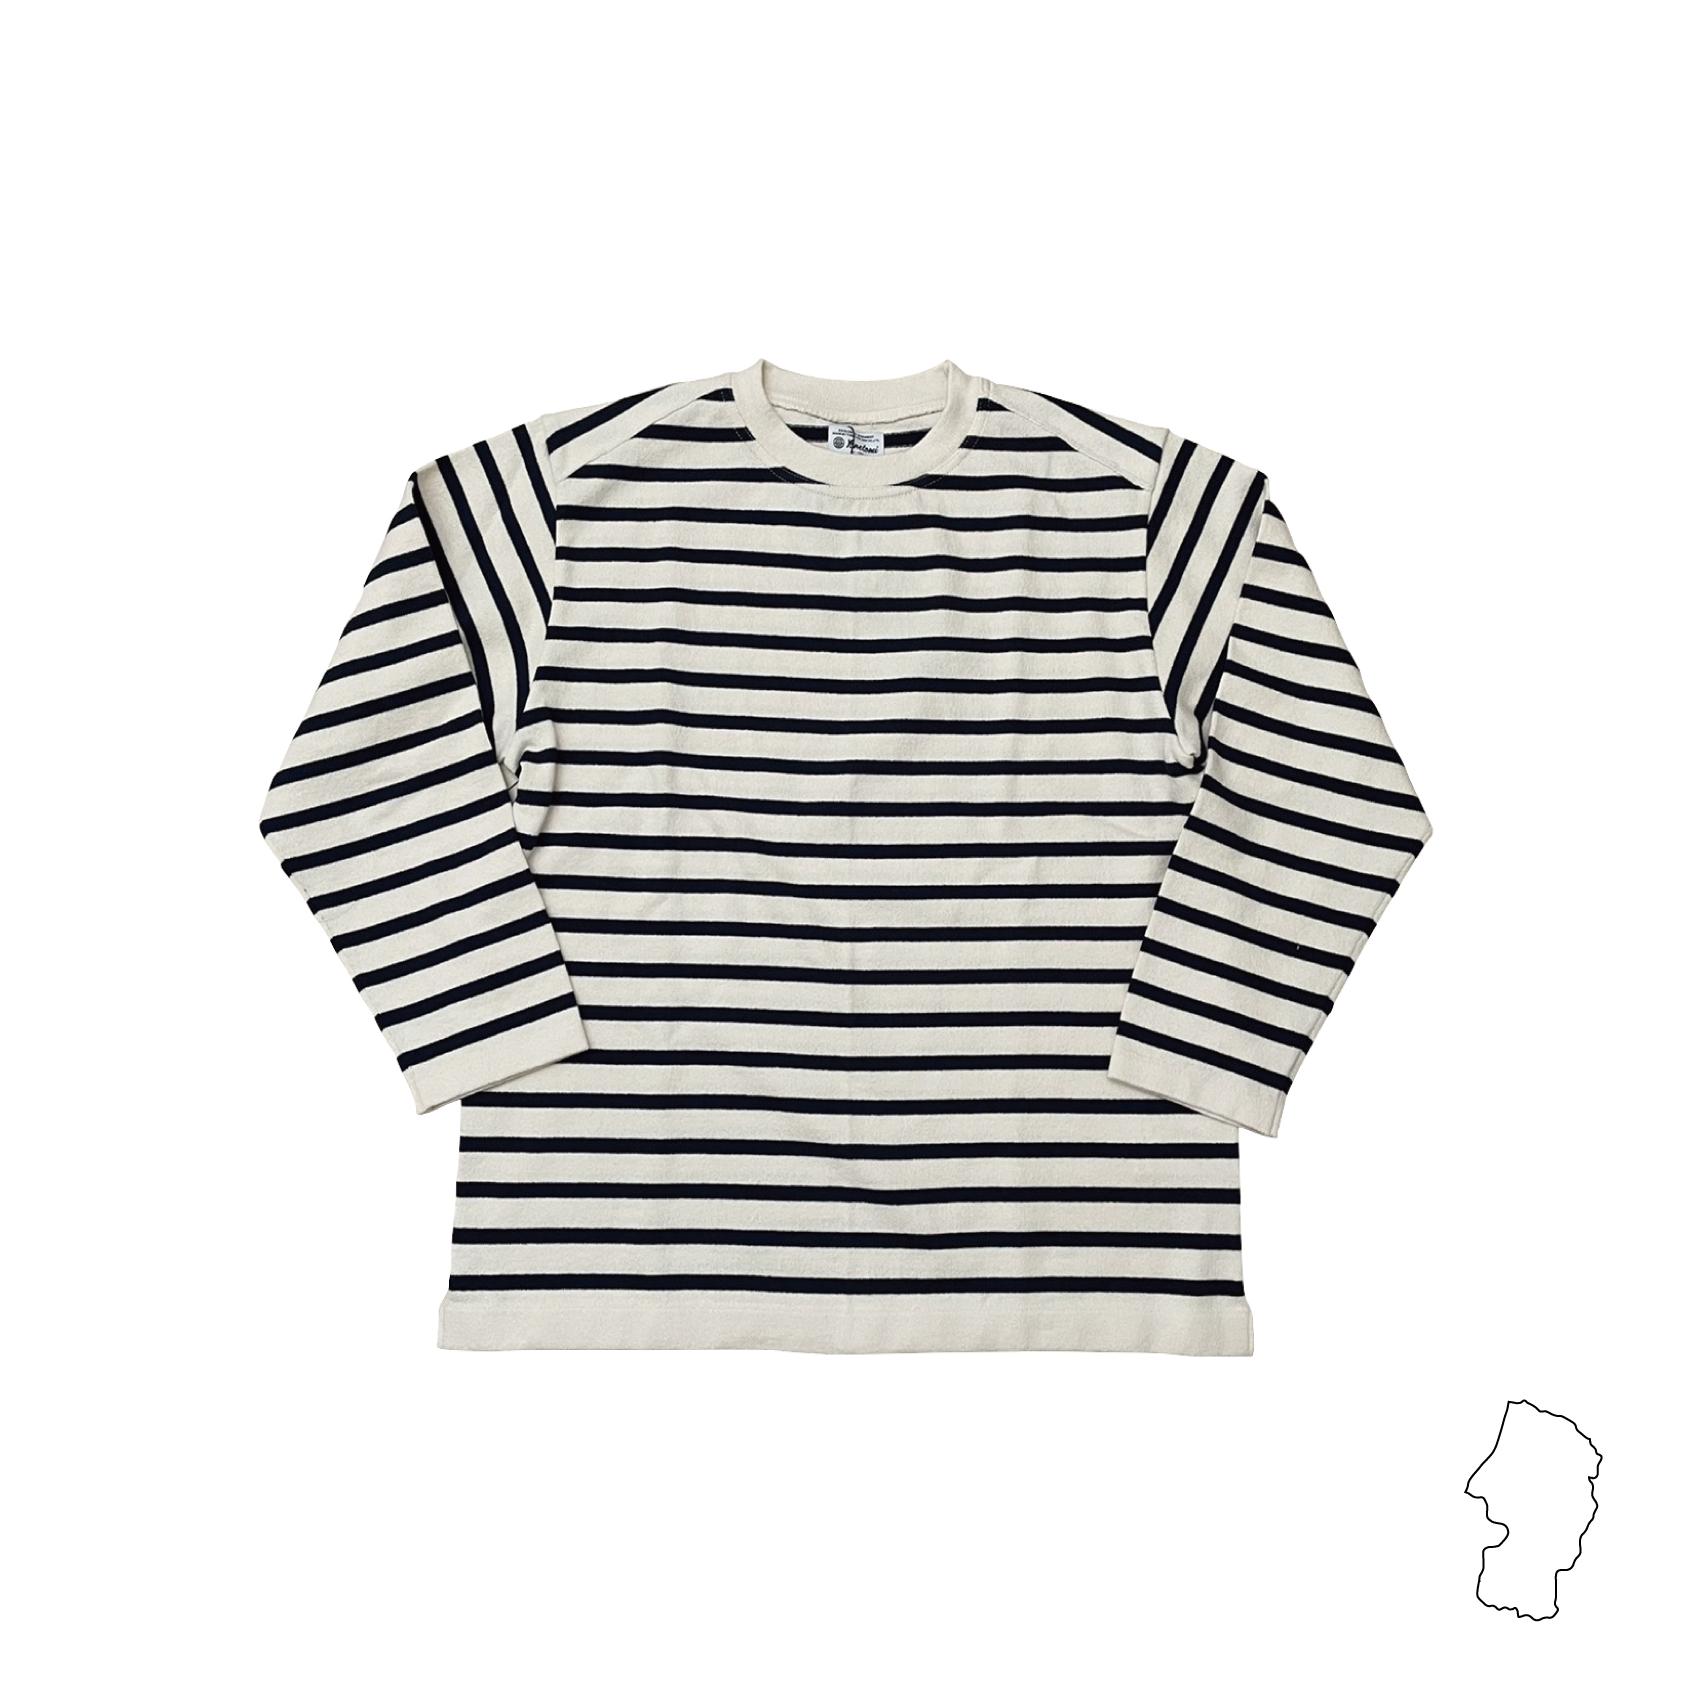 度詰め編みのコットンバスクシャツ クルーネック OFFWHITE × NAVY <YAMAGATA>